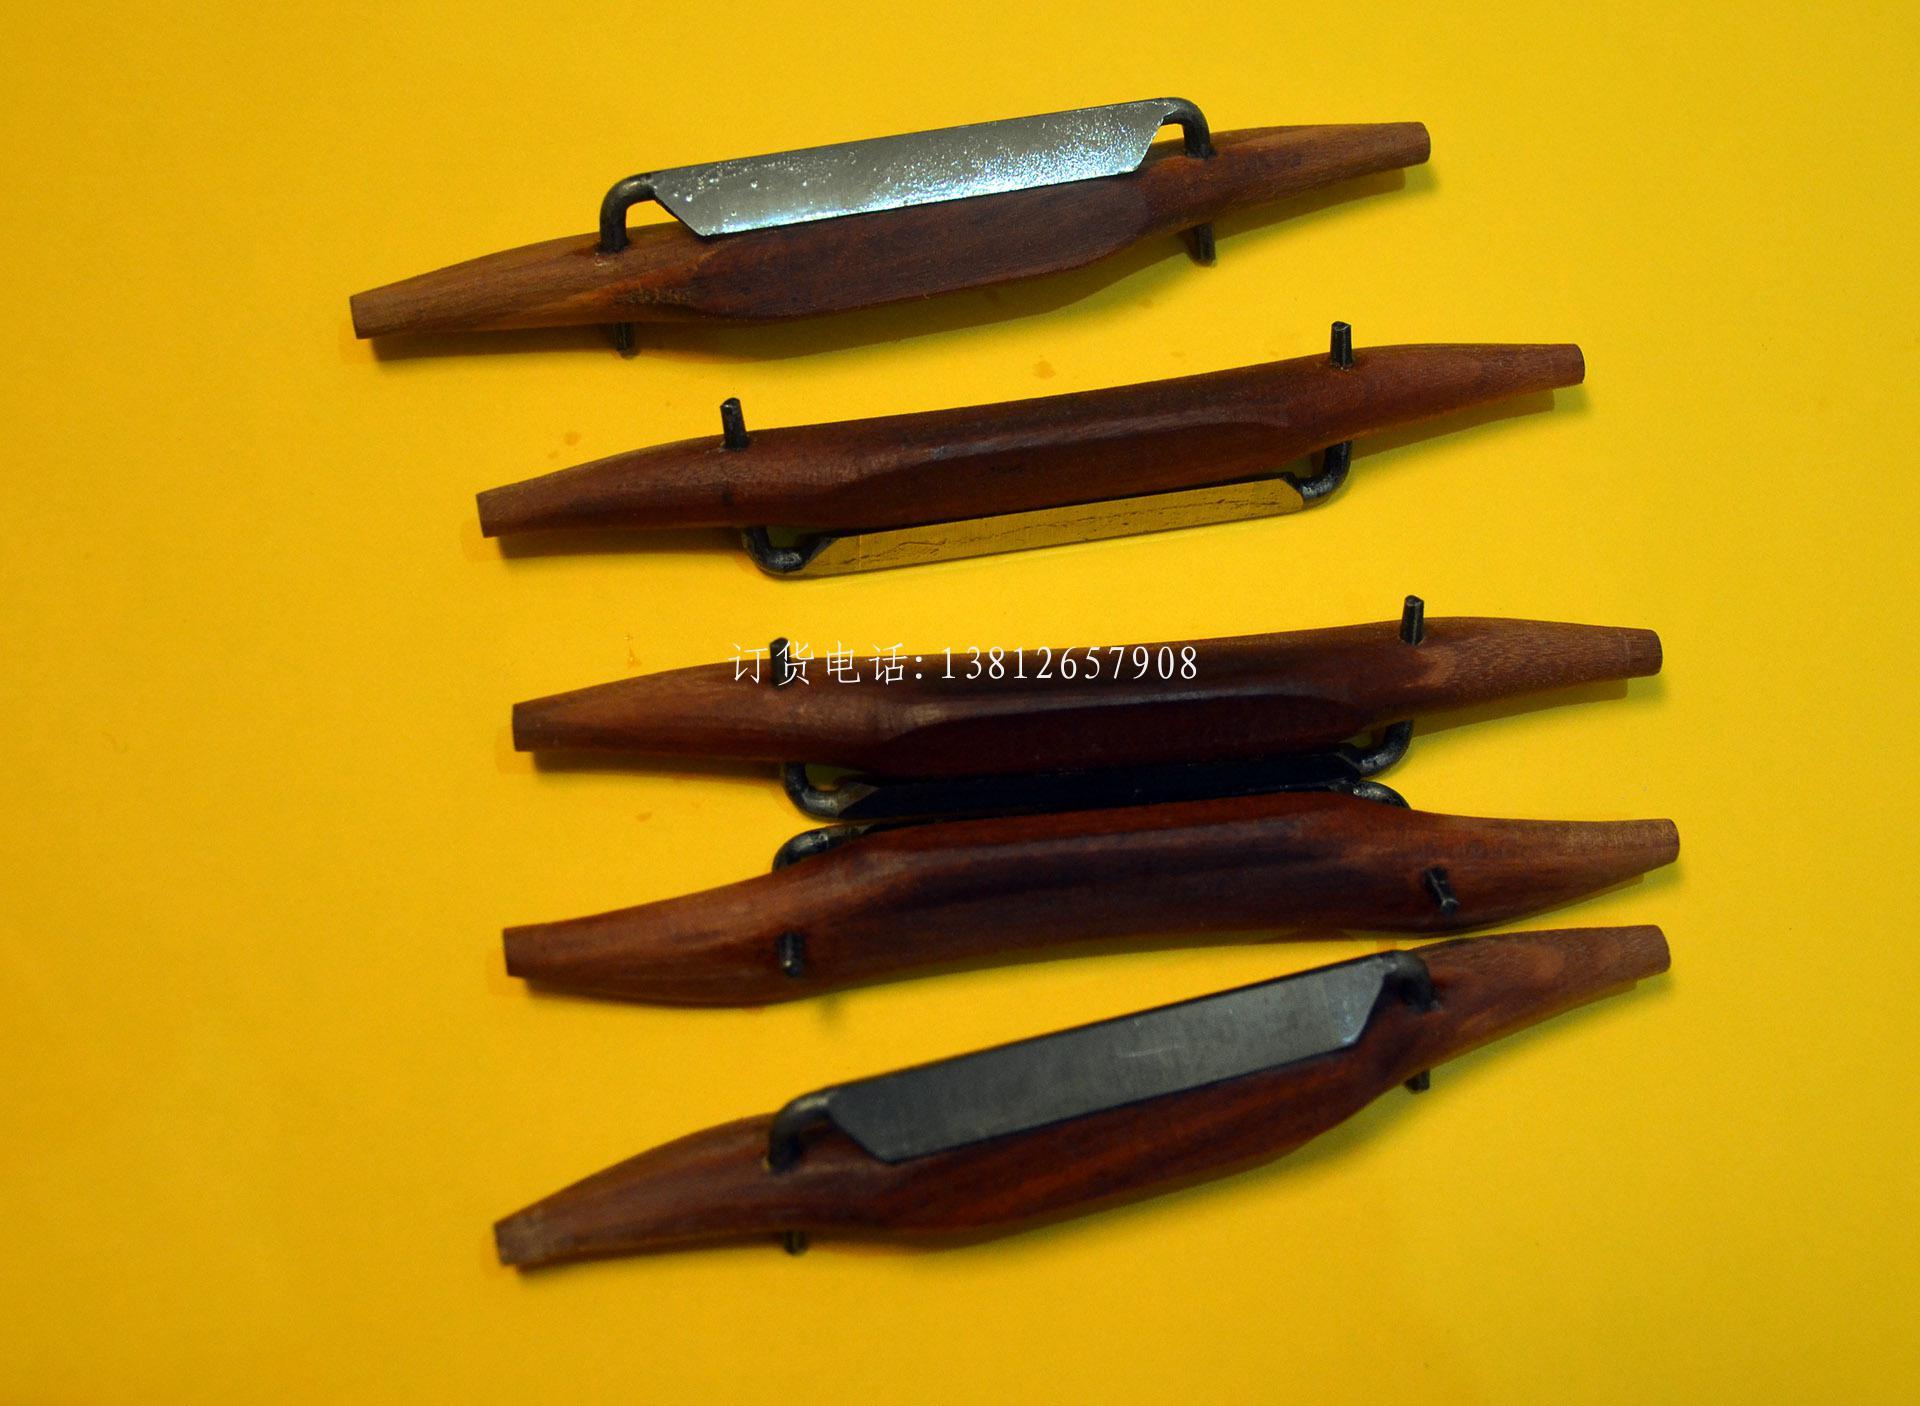 刮塑料披锋刀 塑件披锋刀  钨钢披锋刀 第4张